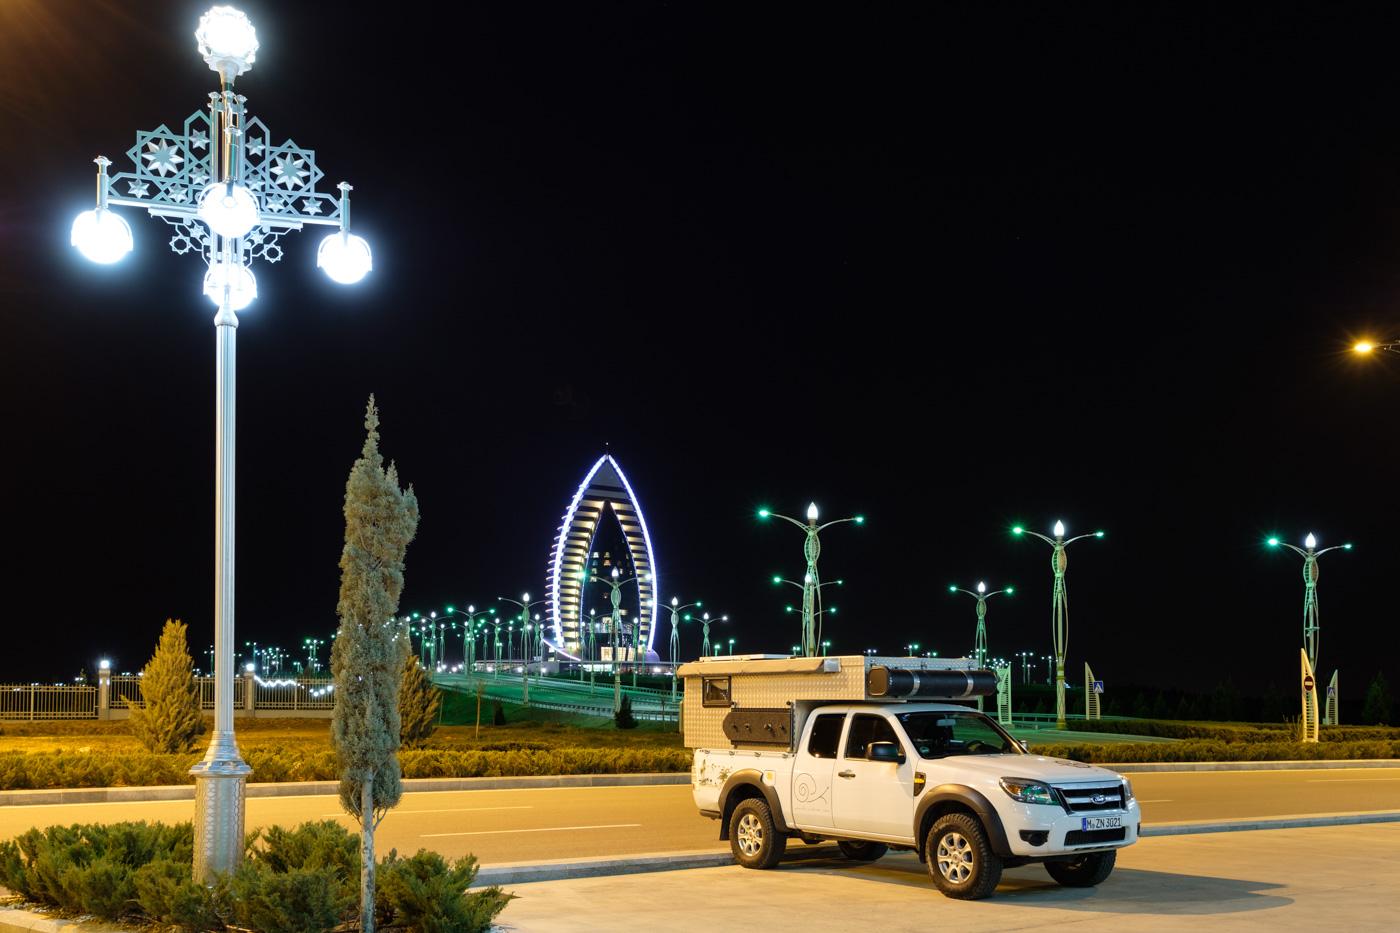 Leere Straßen und Parkplätze vor dem Hochzeitspalast und dem Yyldyz Hotel.